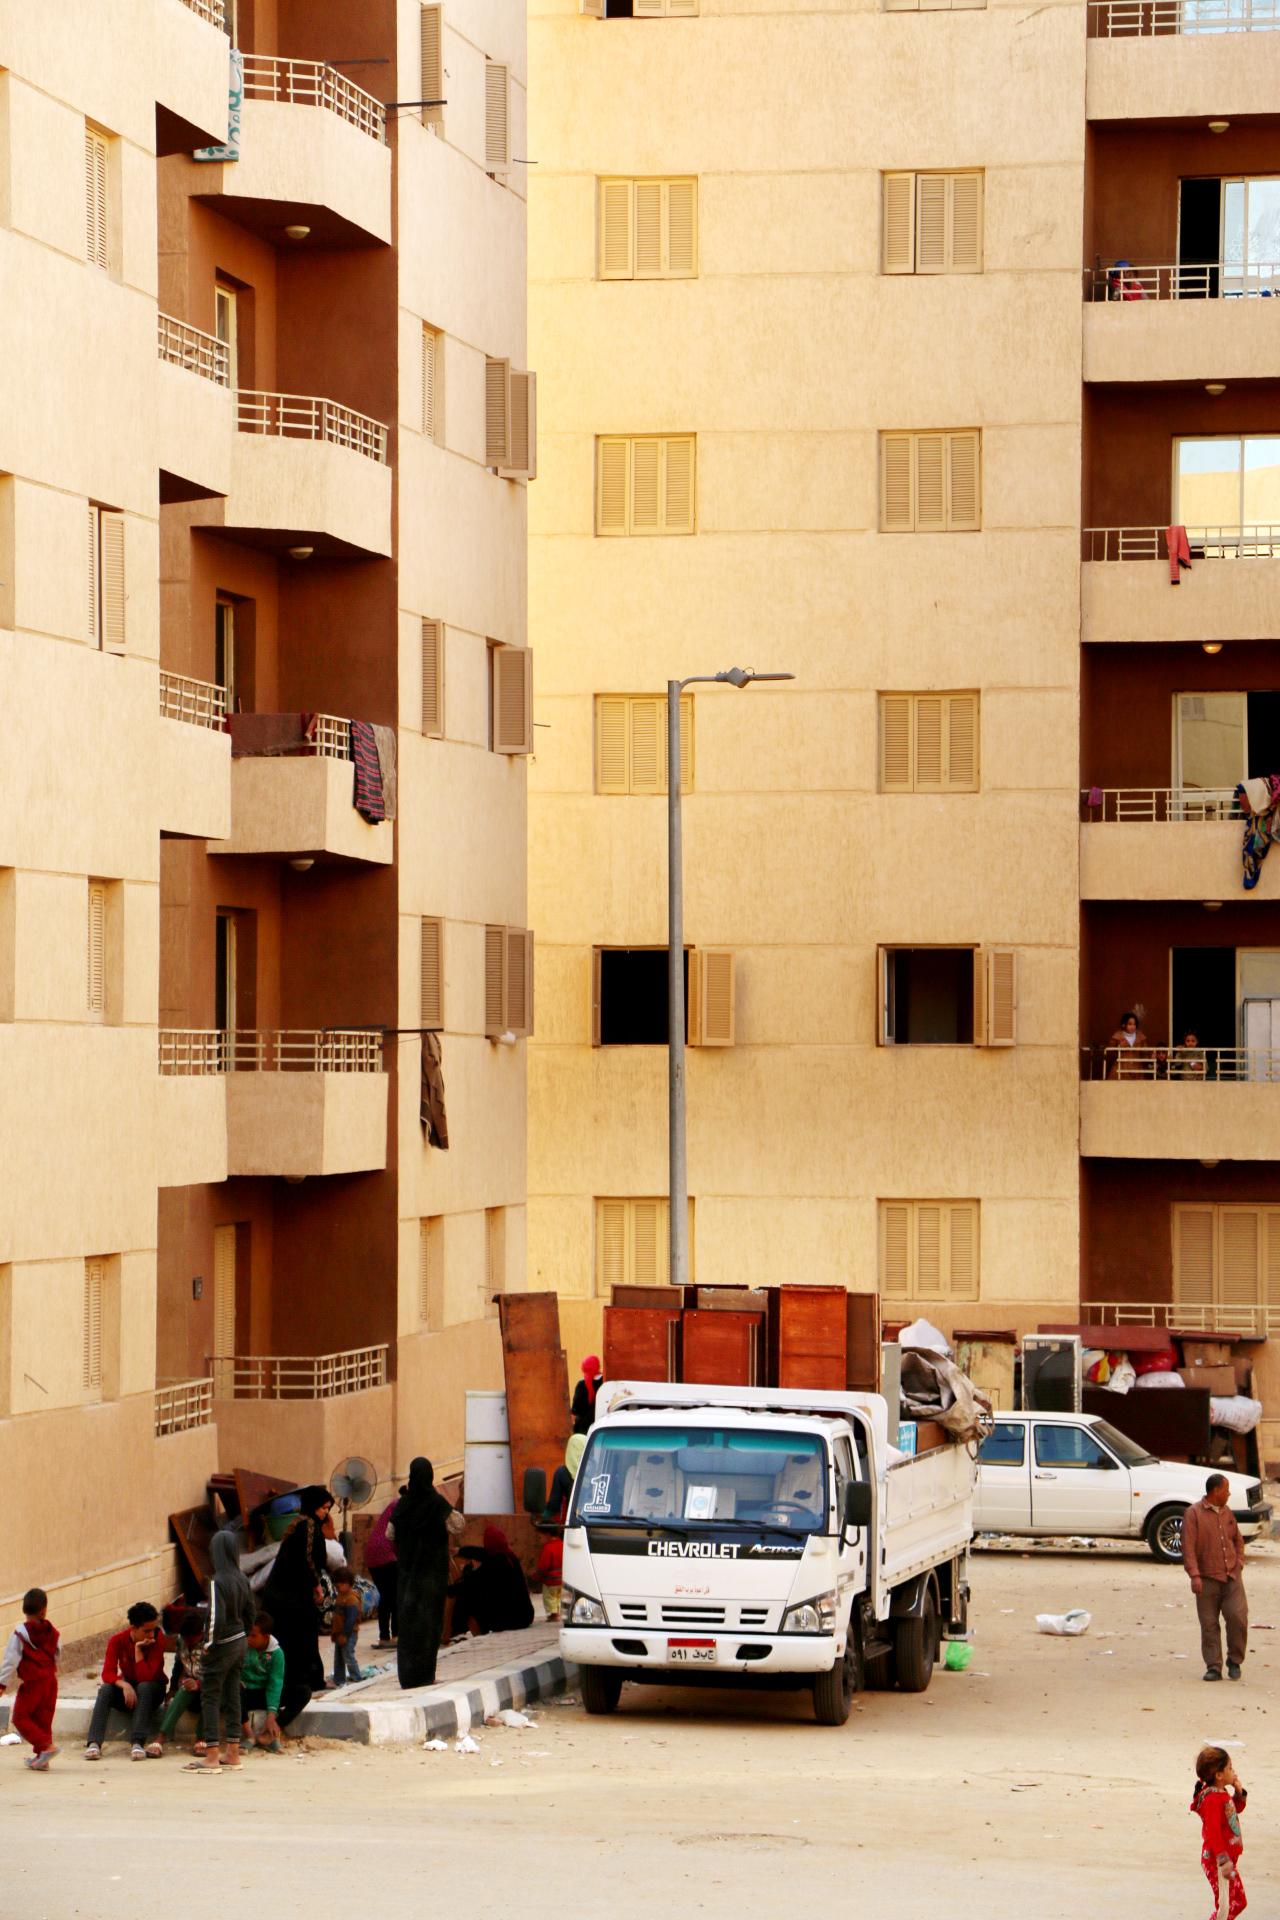 تسكين4113 أسرة من سكان المناطق الخطرة بمساكن حضارية  (1)